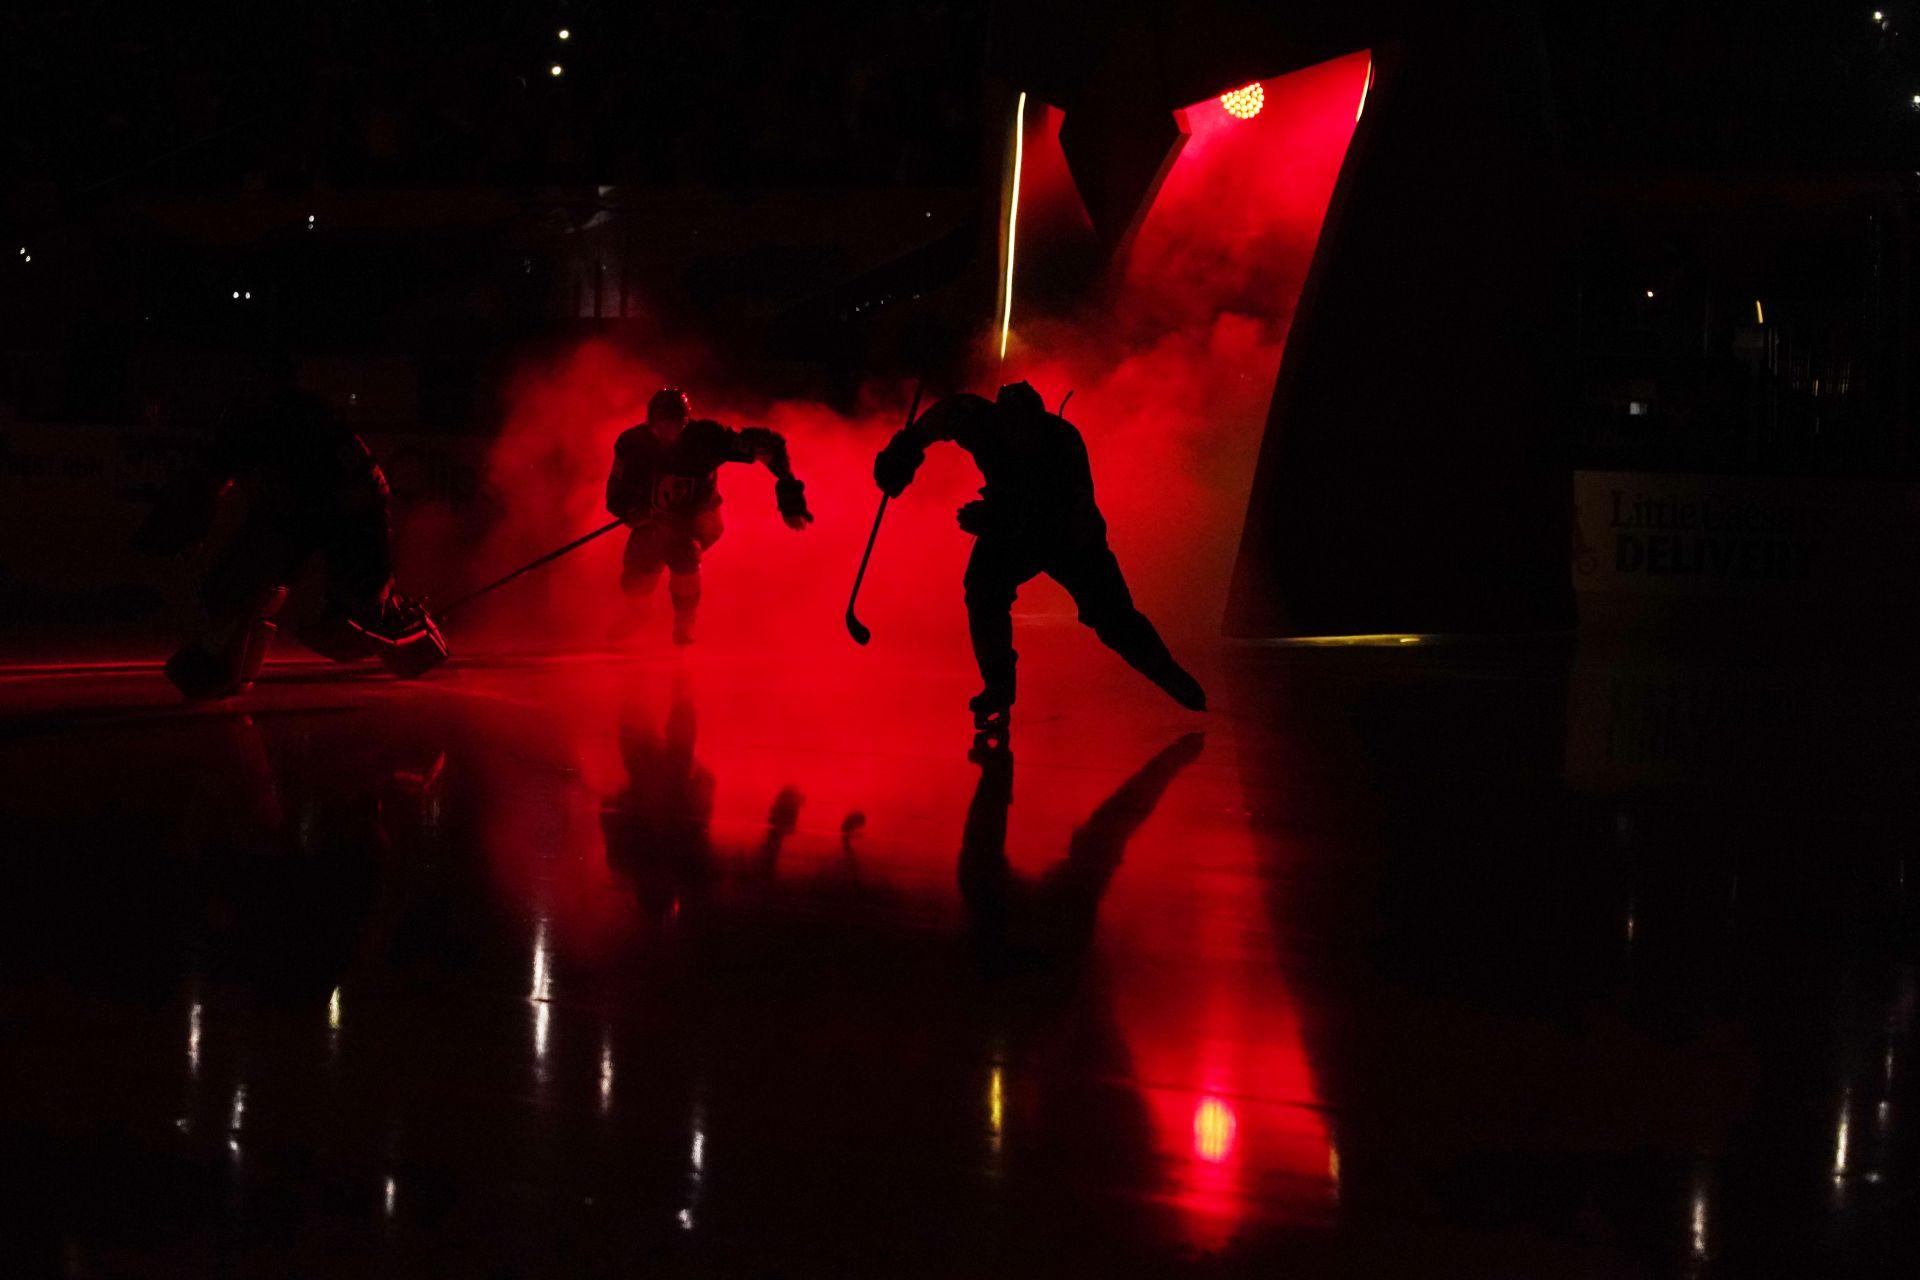 10 юни 2021 г. - Хокеистите на Вегас Голдън Найтс (Златните рицареи на Вегас) загряват преди 6-ия плейофен мач за купа